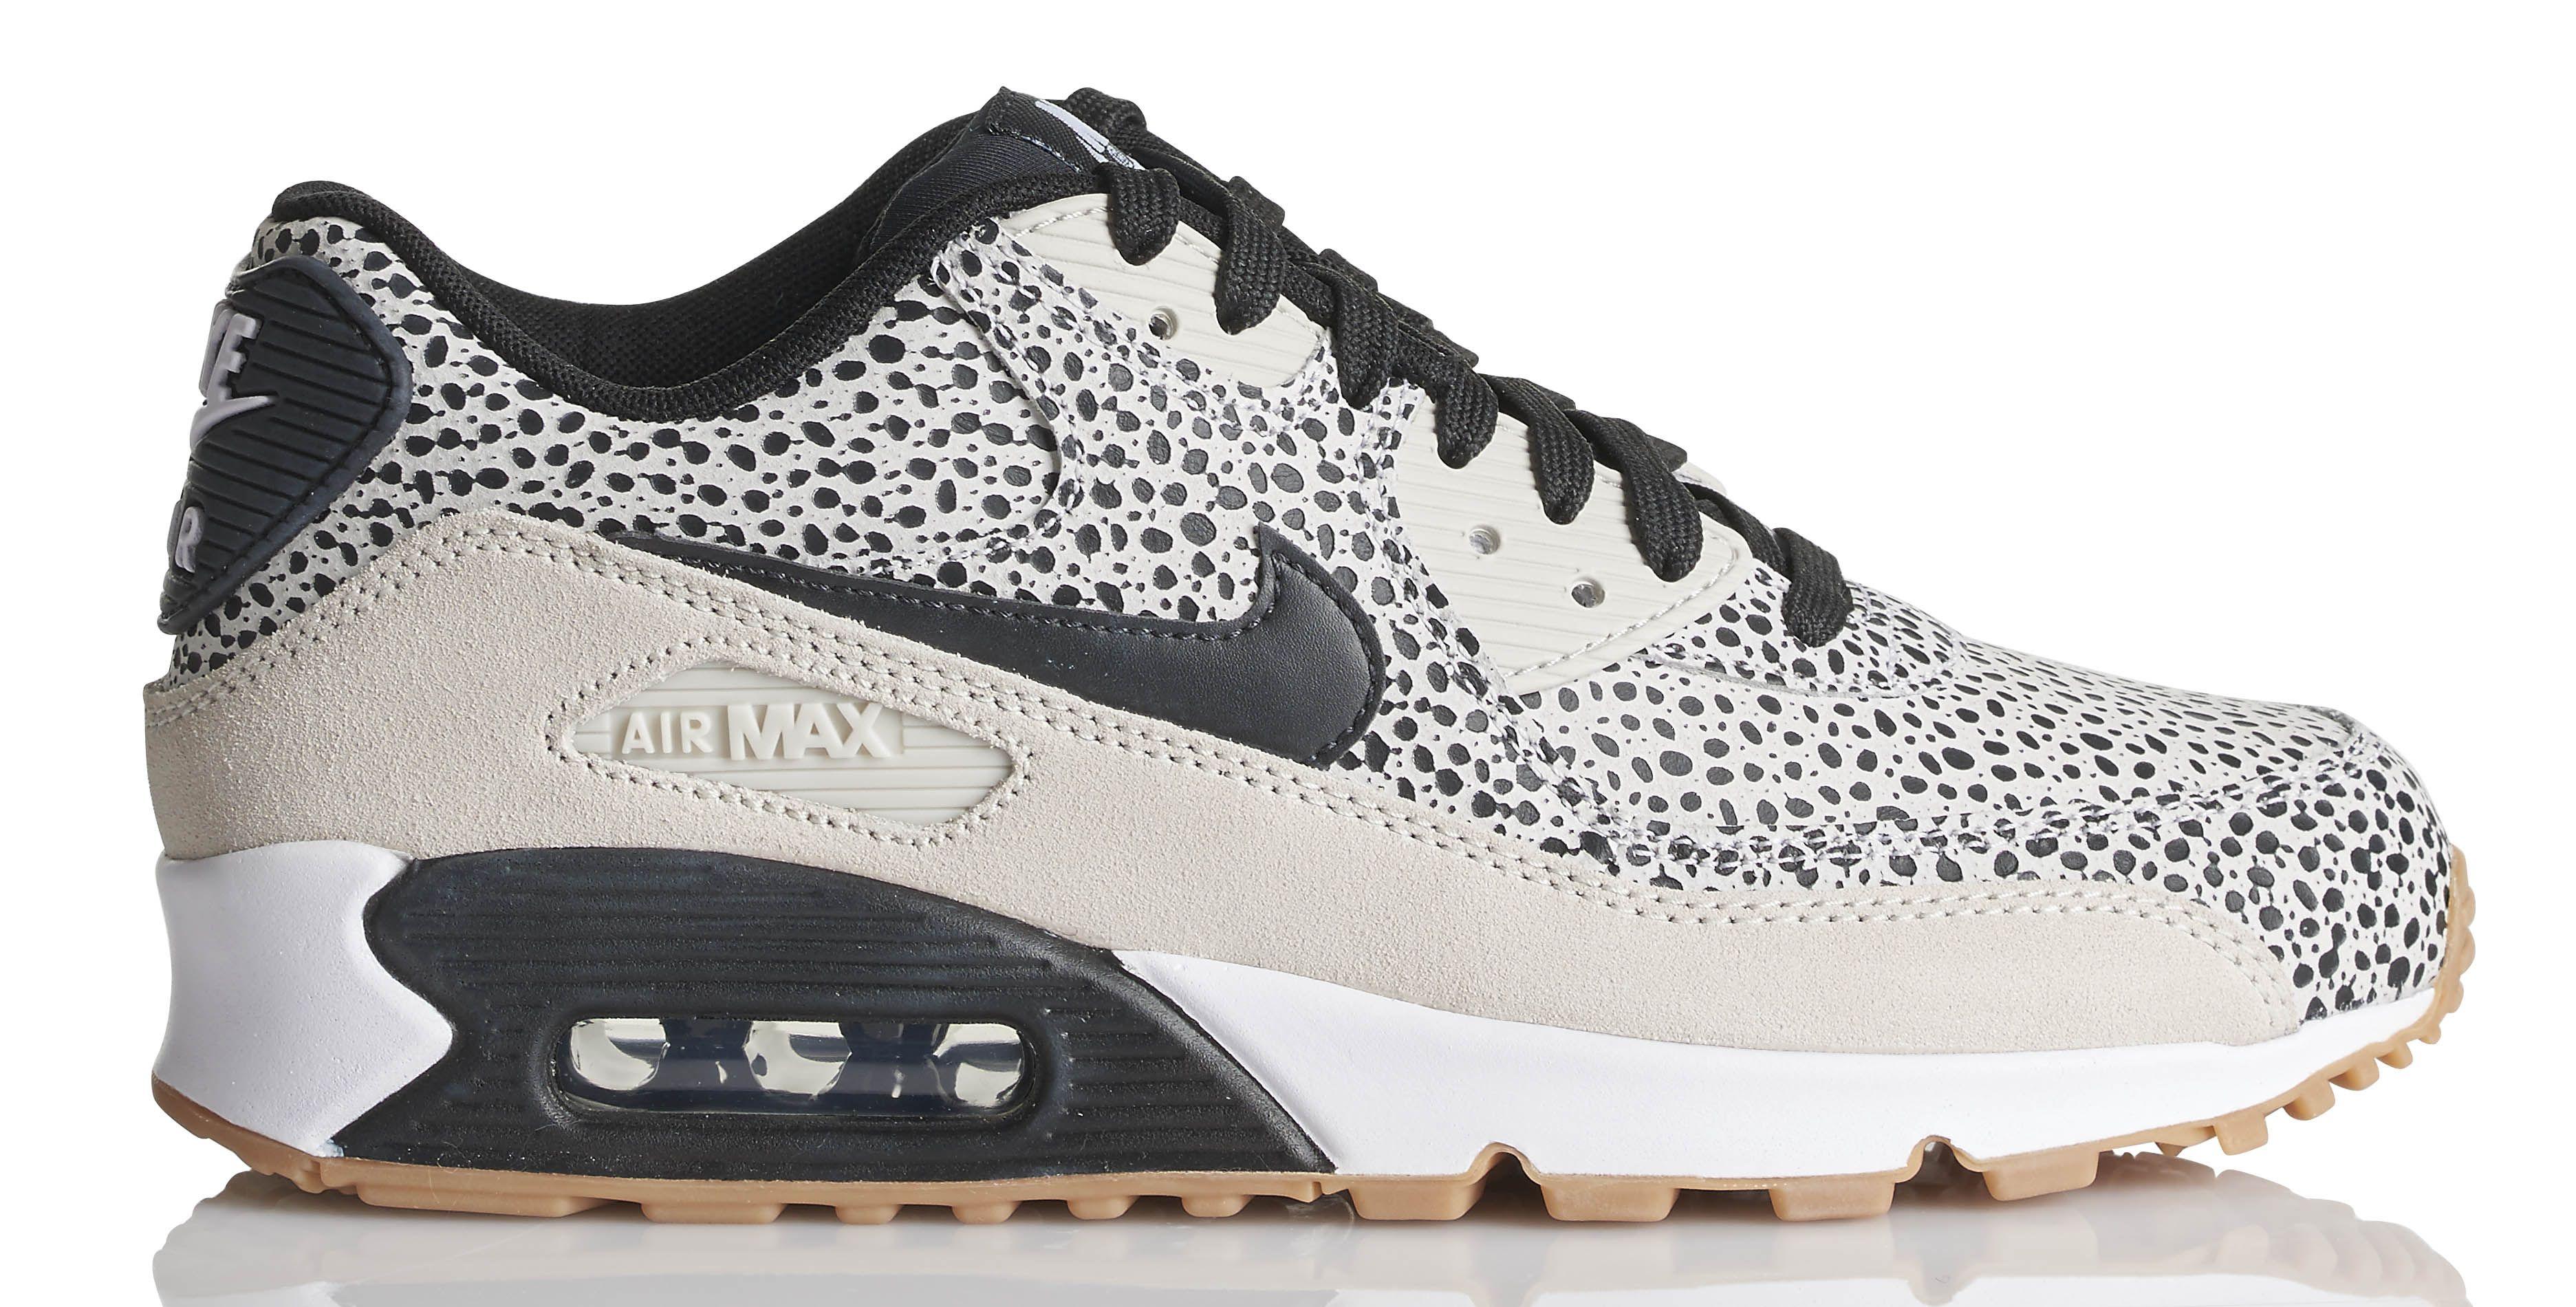 Marques Chaussure femme Nike femme Wmns Air Max 90 Se Black/Black-Gum Light Brown-White